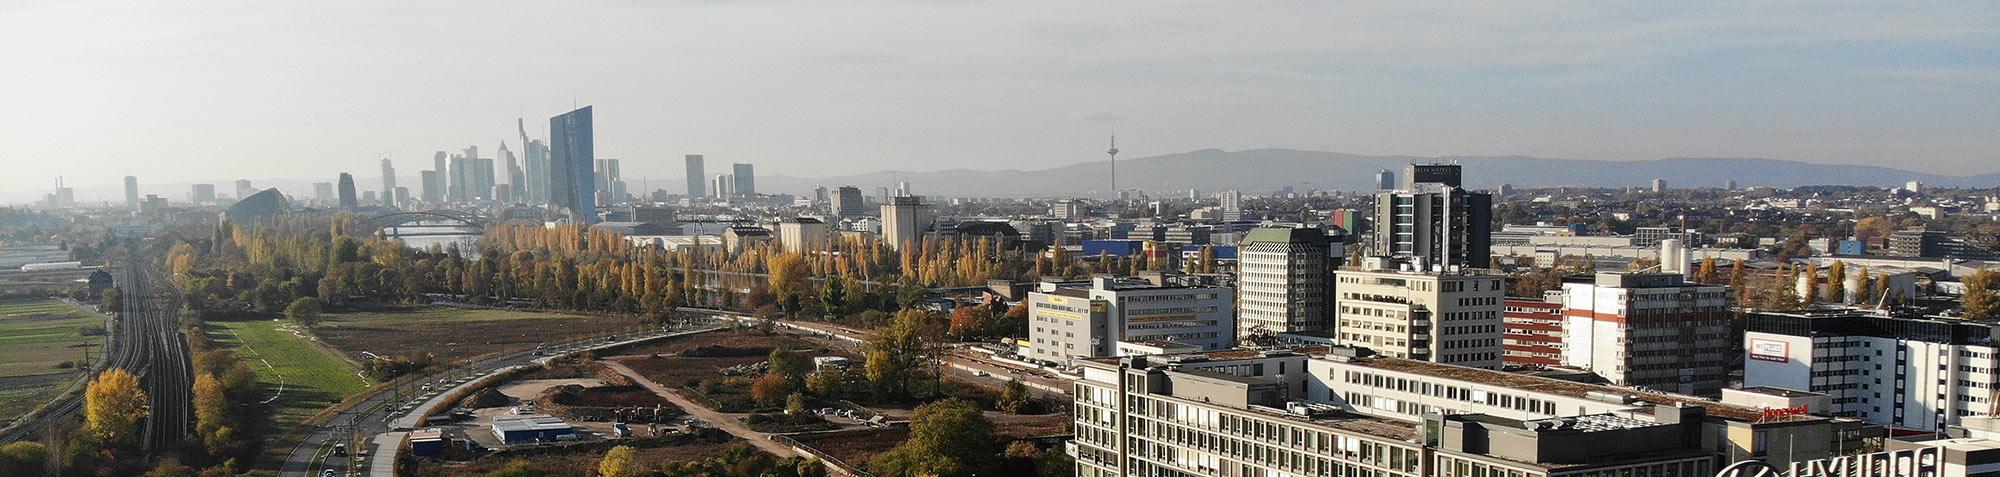 List of tallest Frankfurt skyscrapers